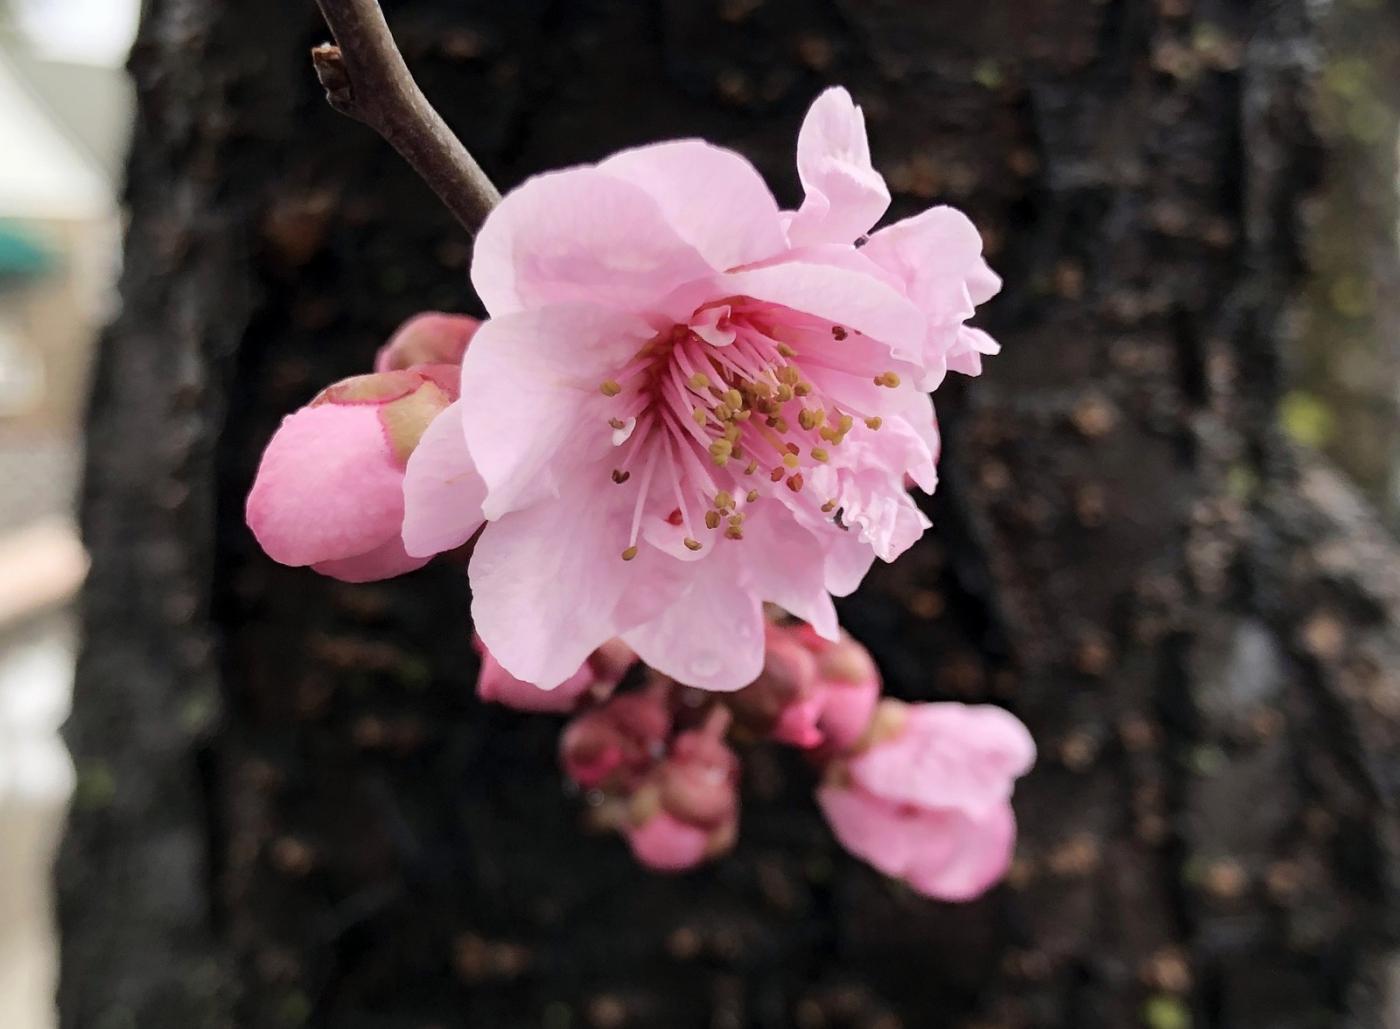 【田螺手机摄影】街口的杏花又开一年_图1-14